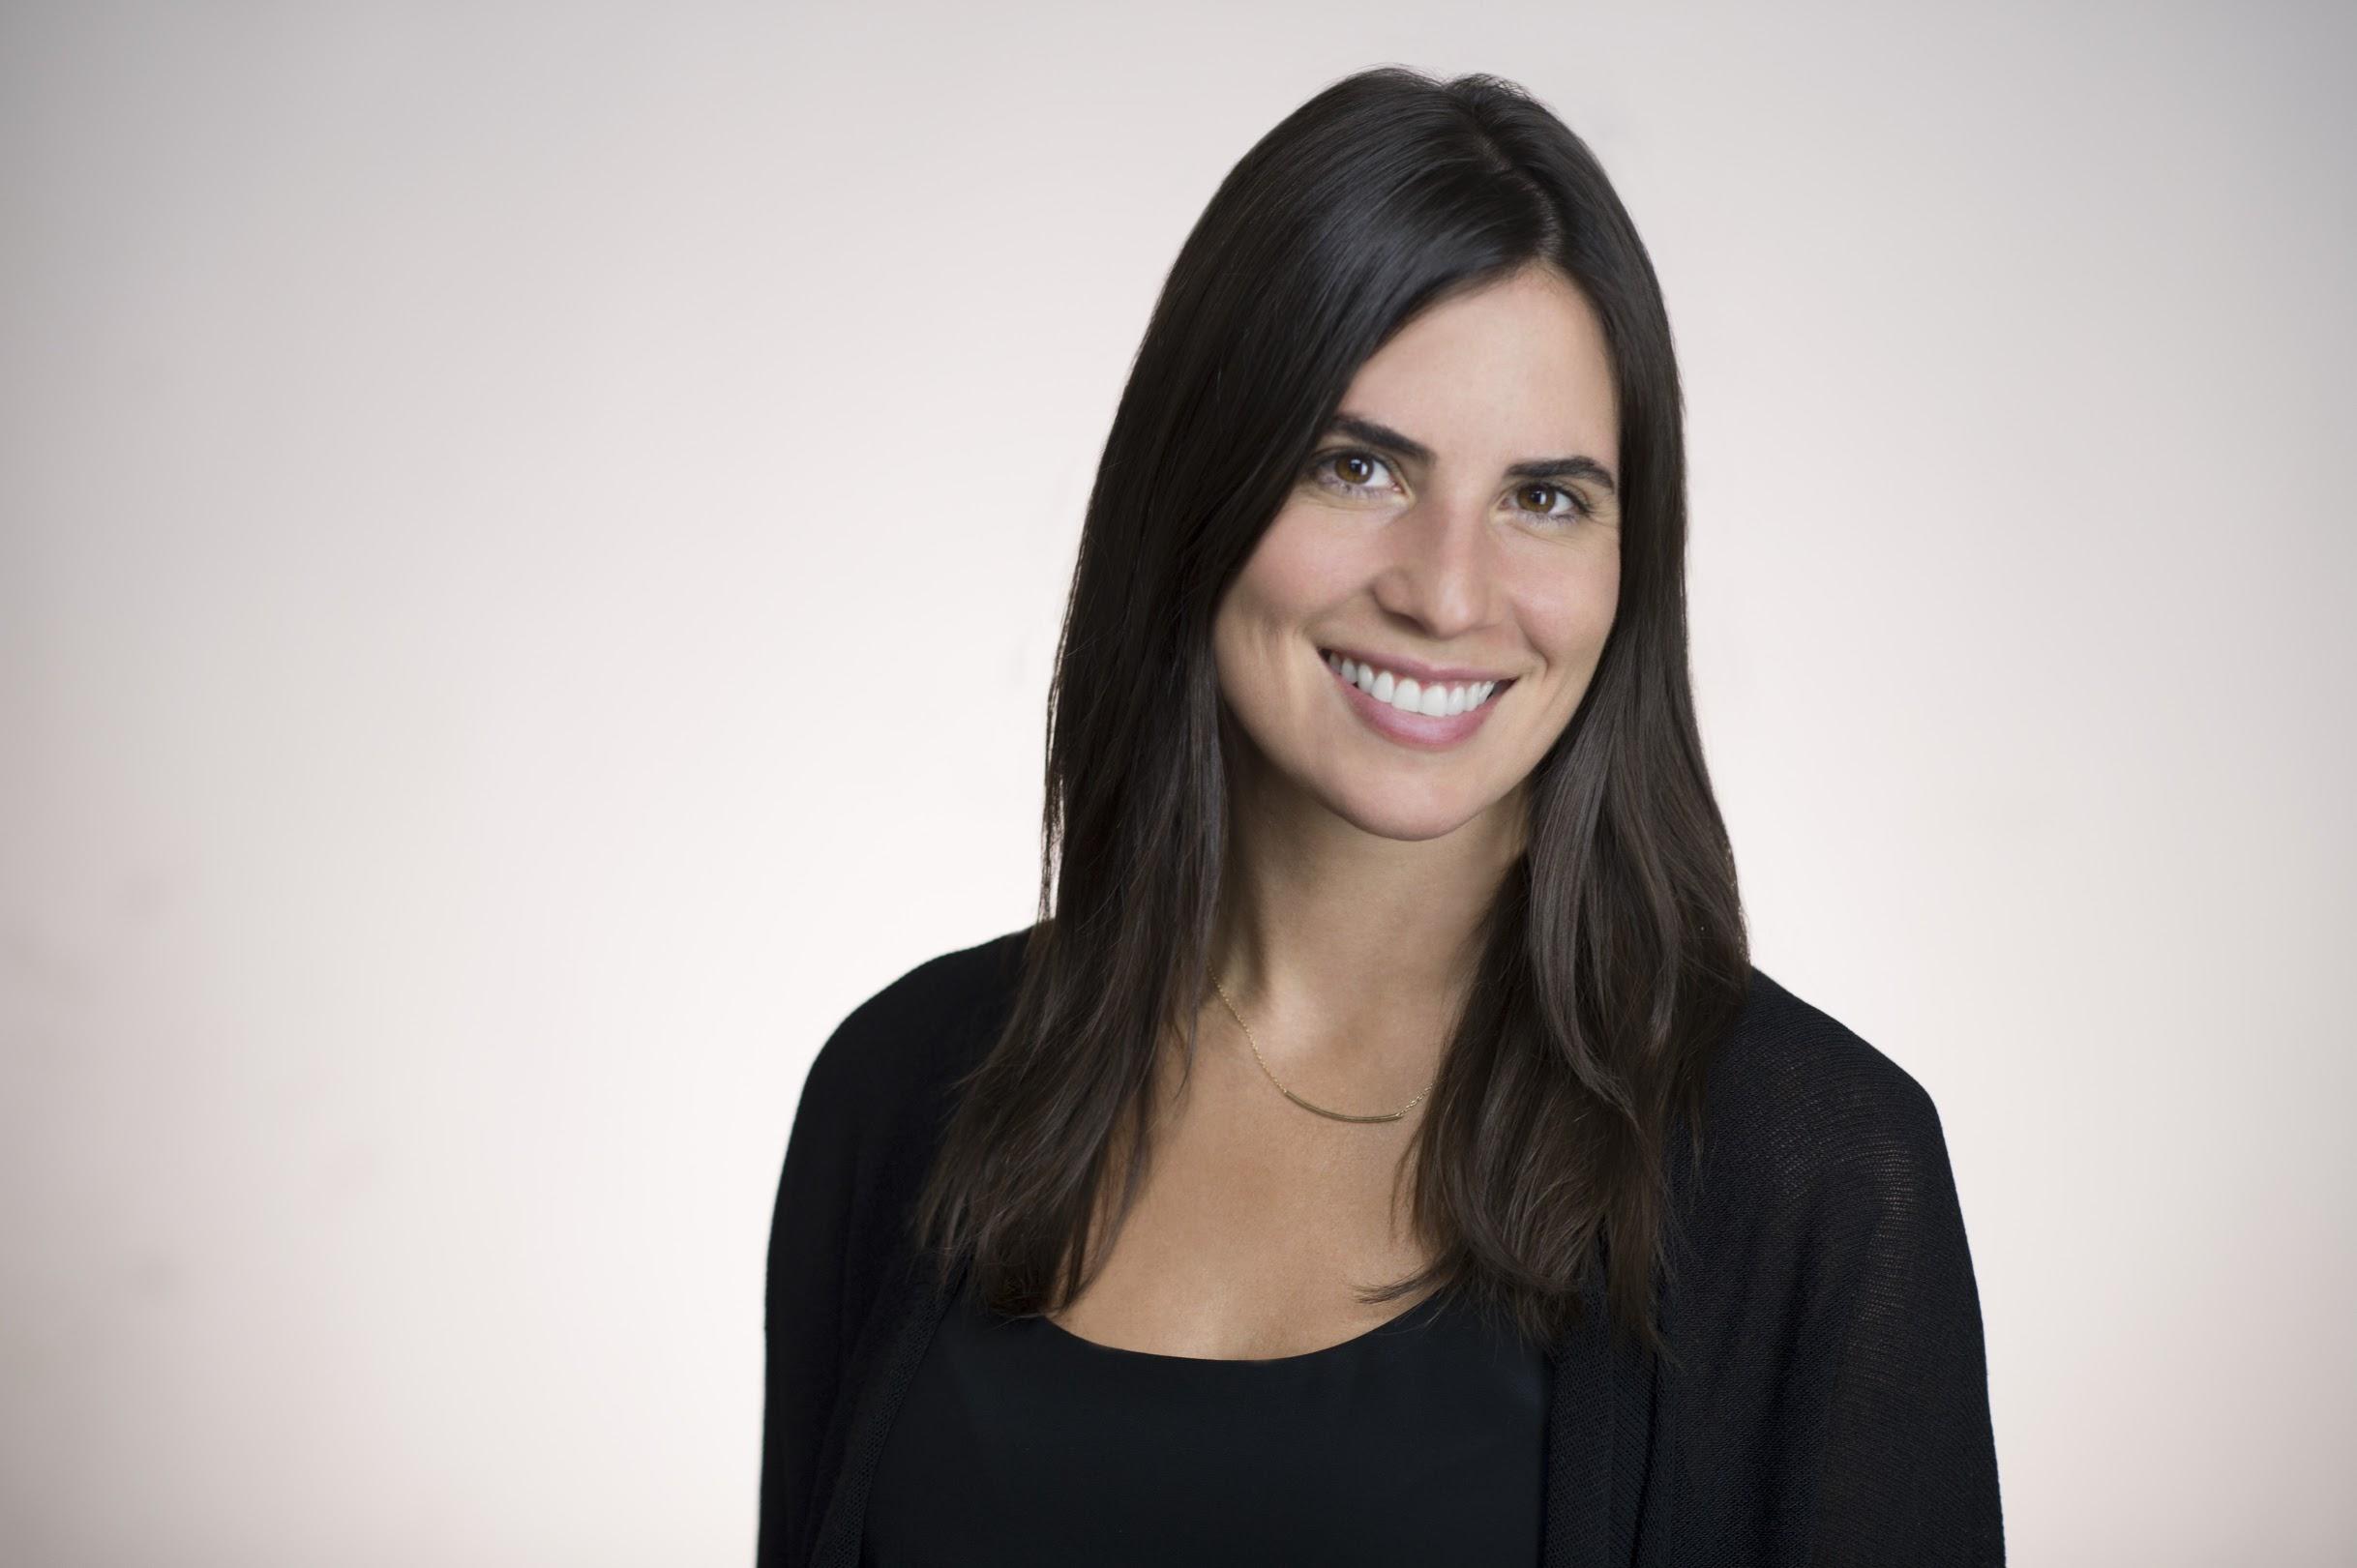 Kathryn Van Nuys, Amazon Web Services